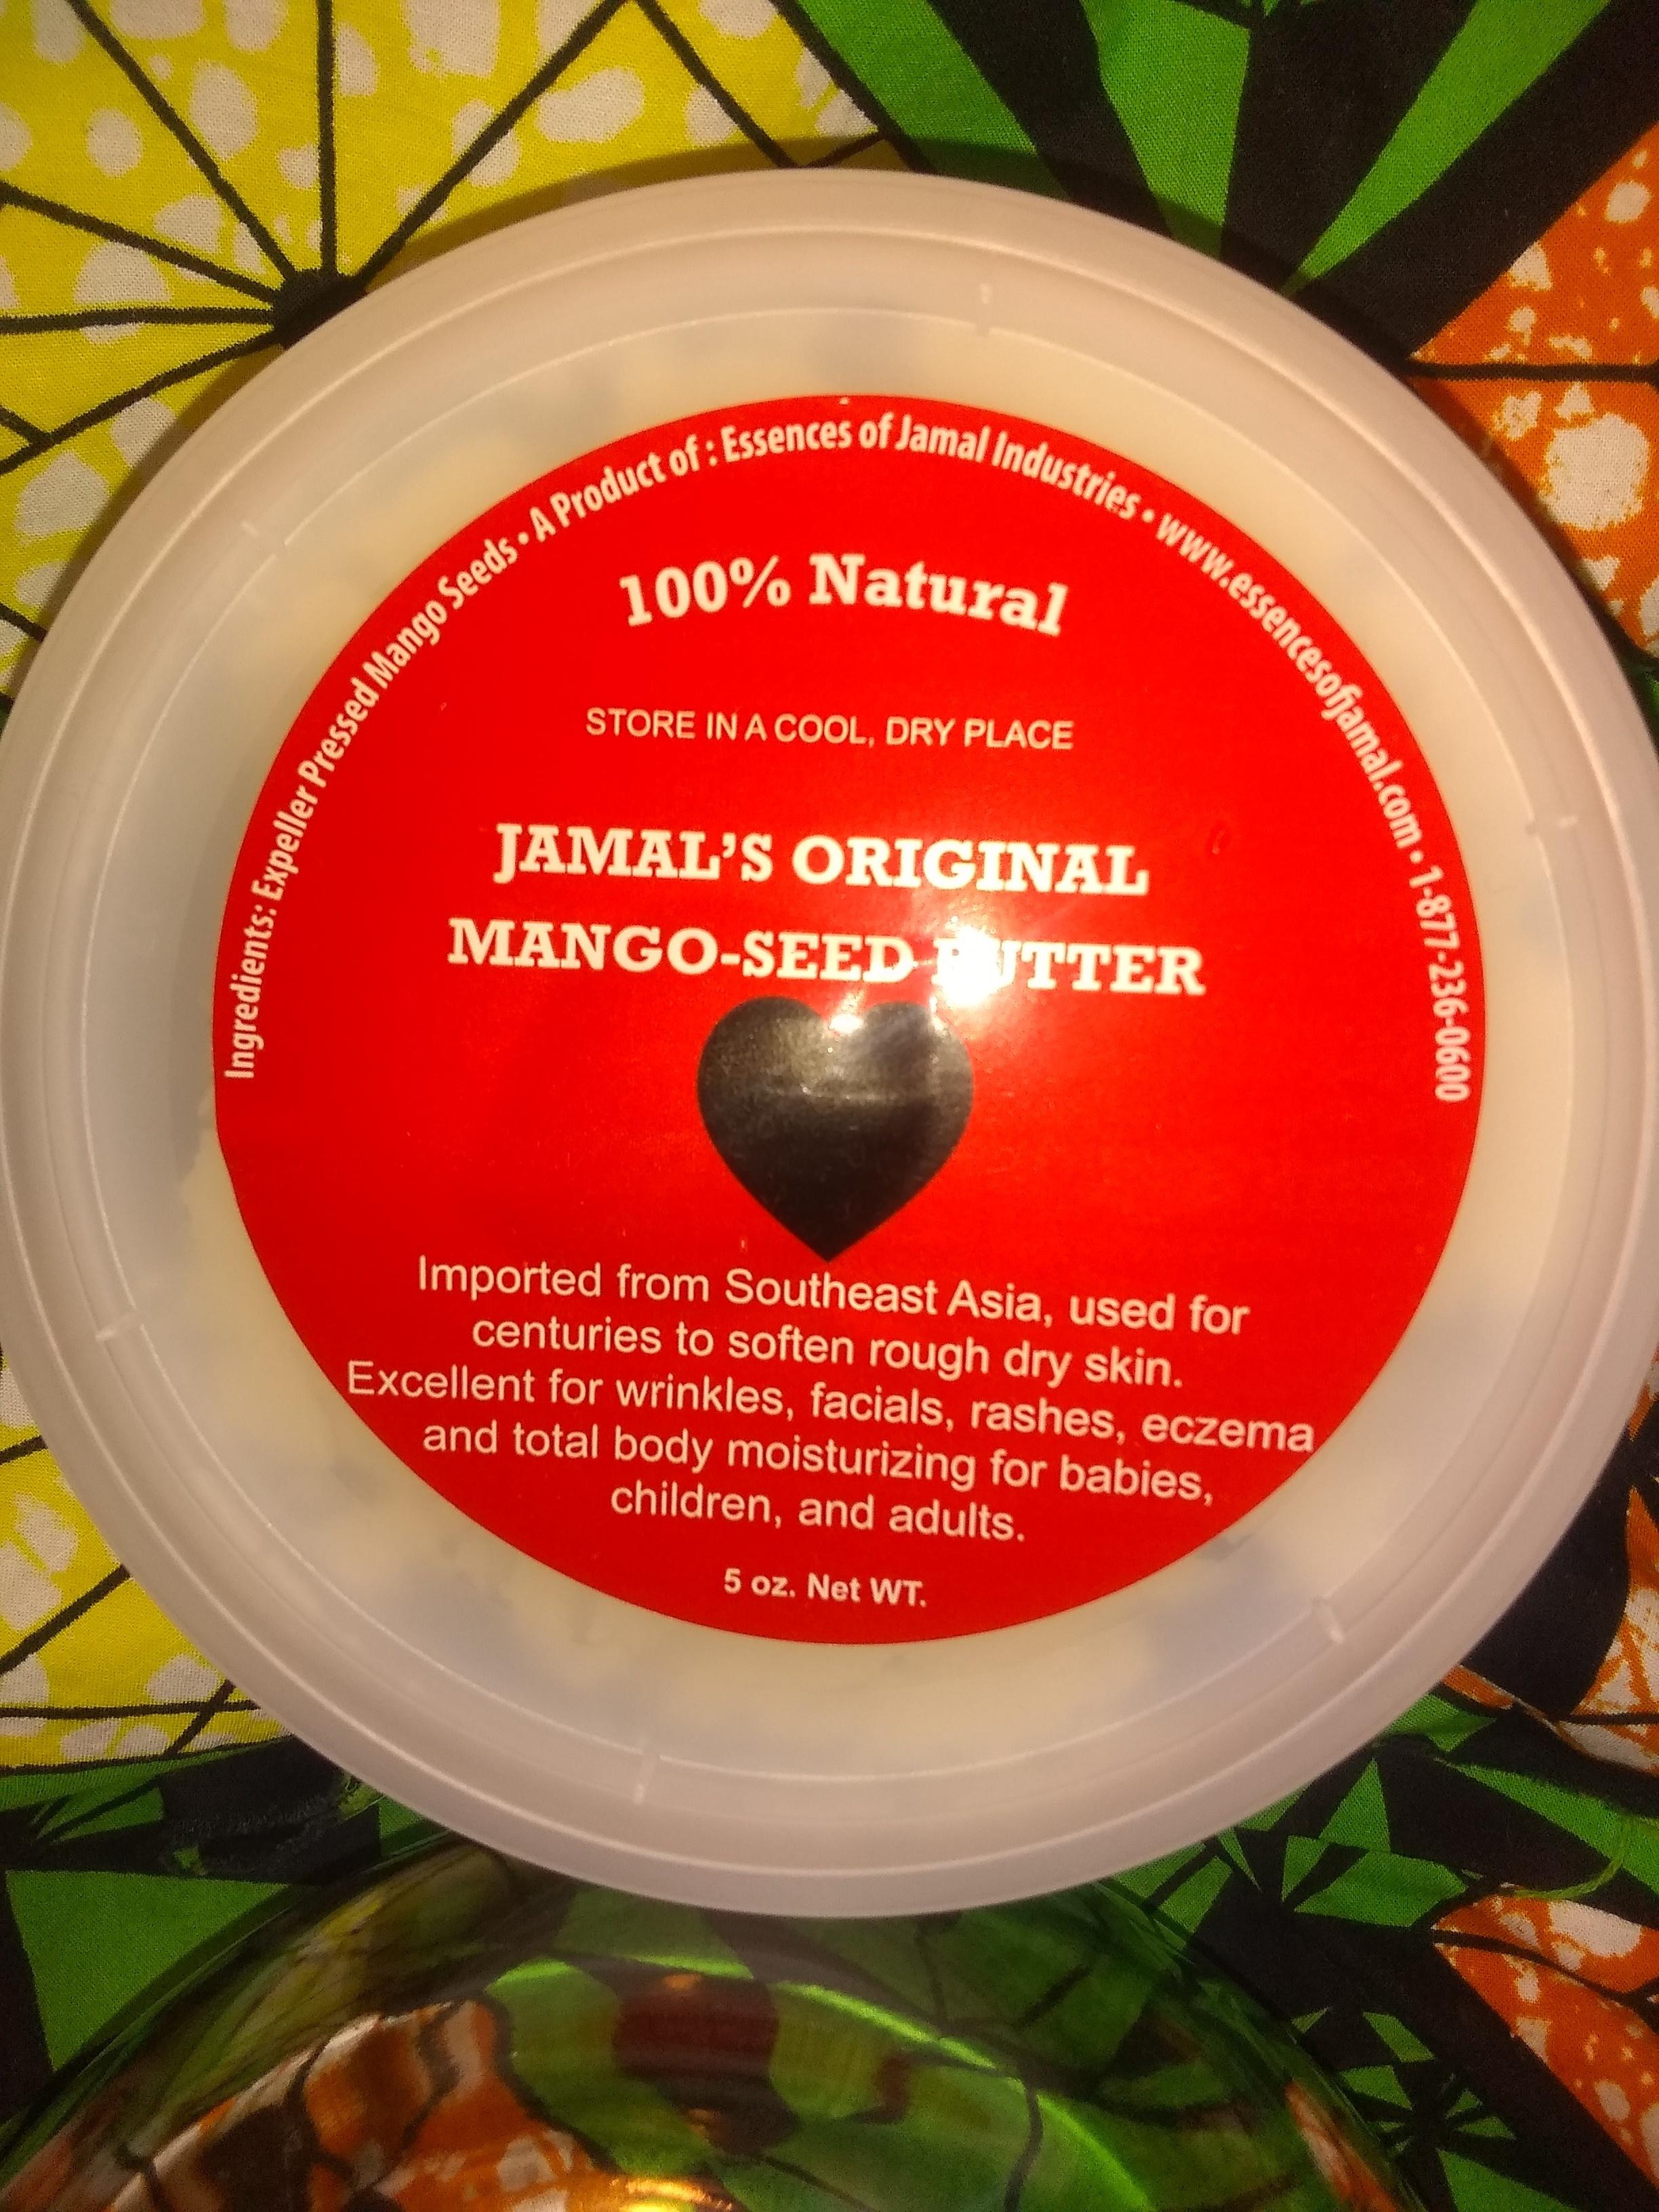 Essences Of Jamal.net/order online -24 hours . image 1